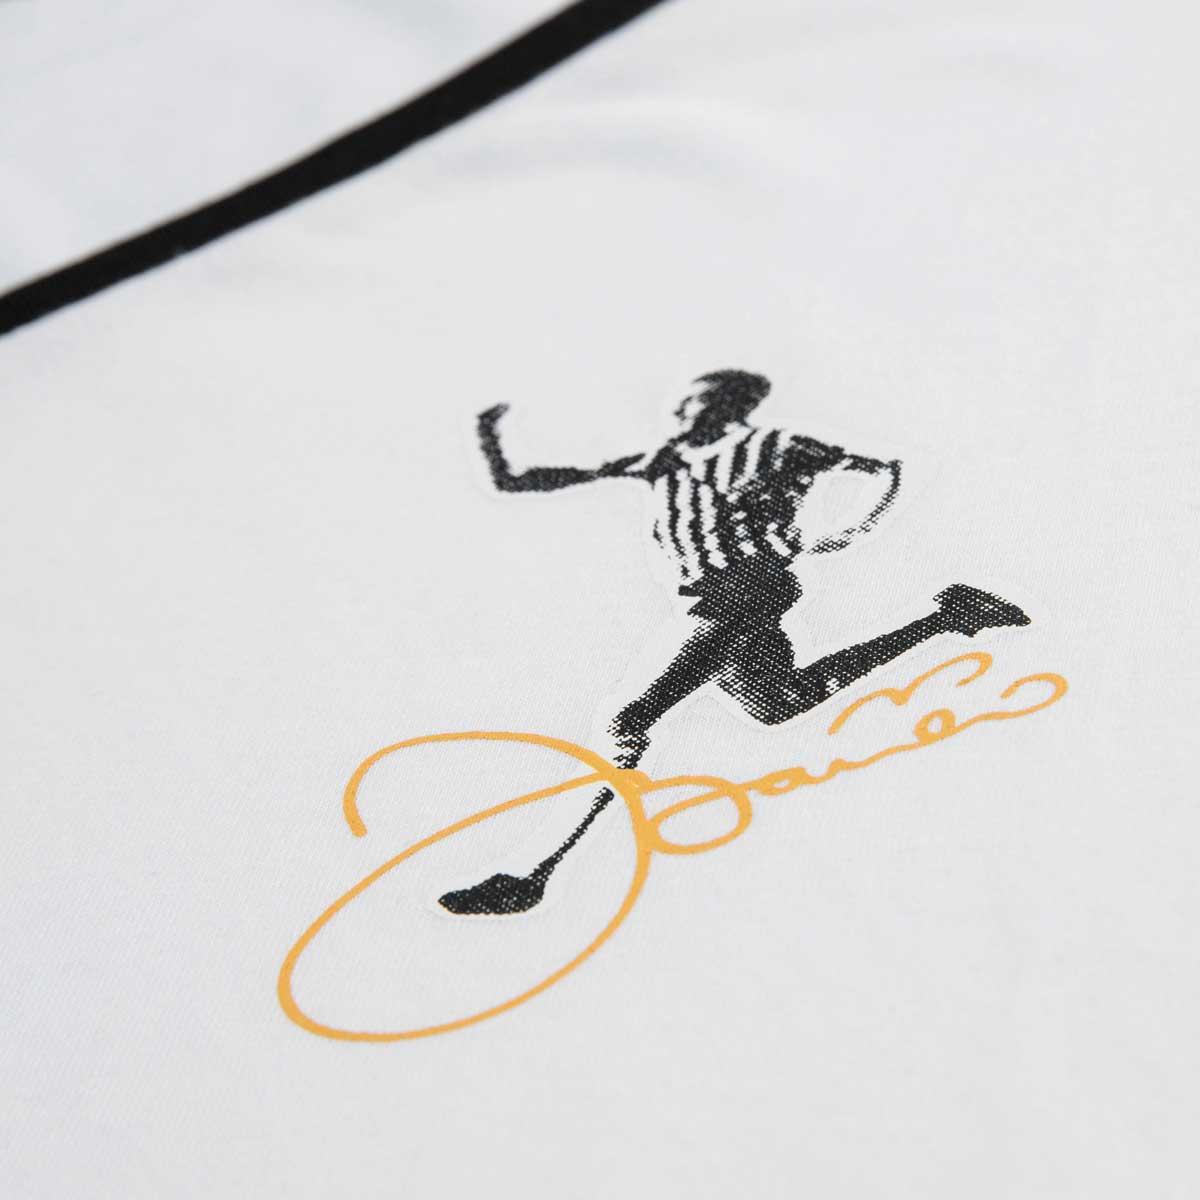 Camisa Casual Baby Look Retrô Gol Basílio Ex- Corinthians Comemoração Torcedor